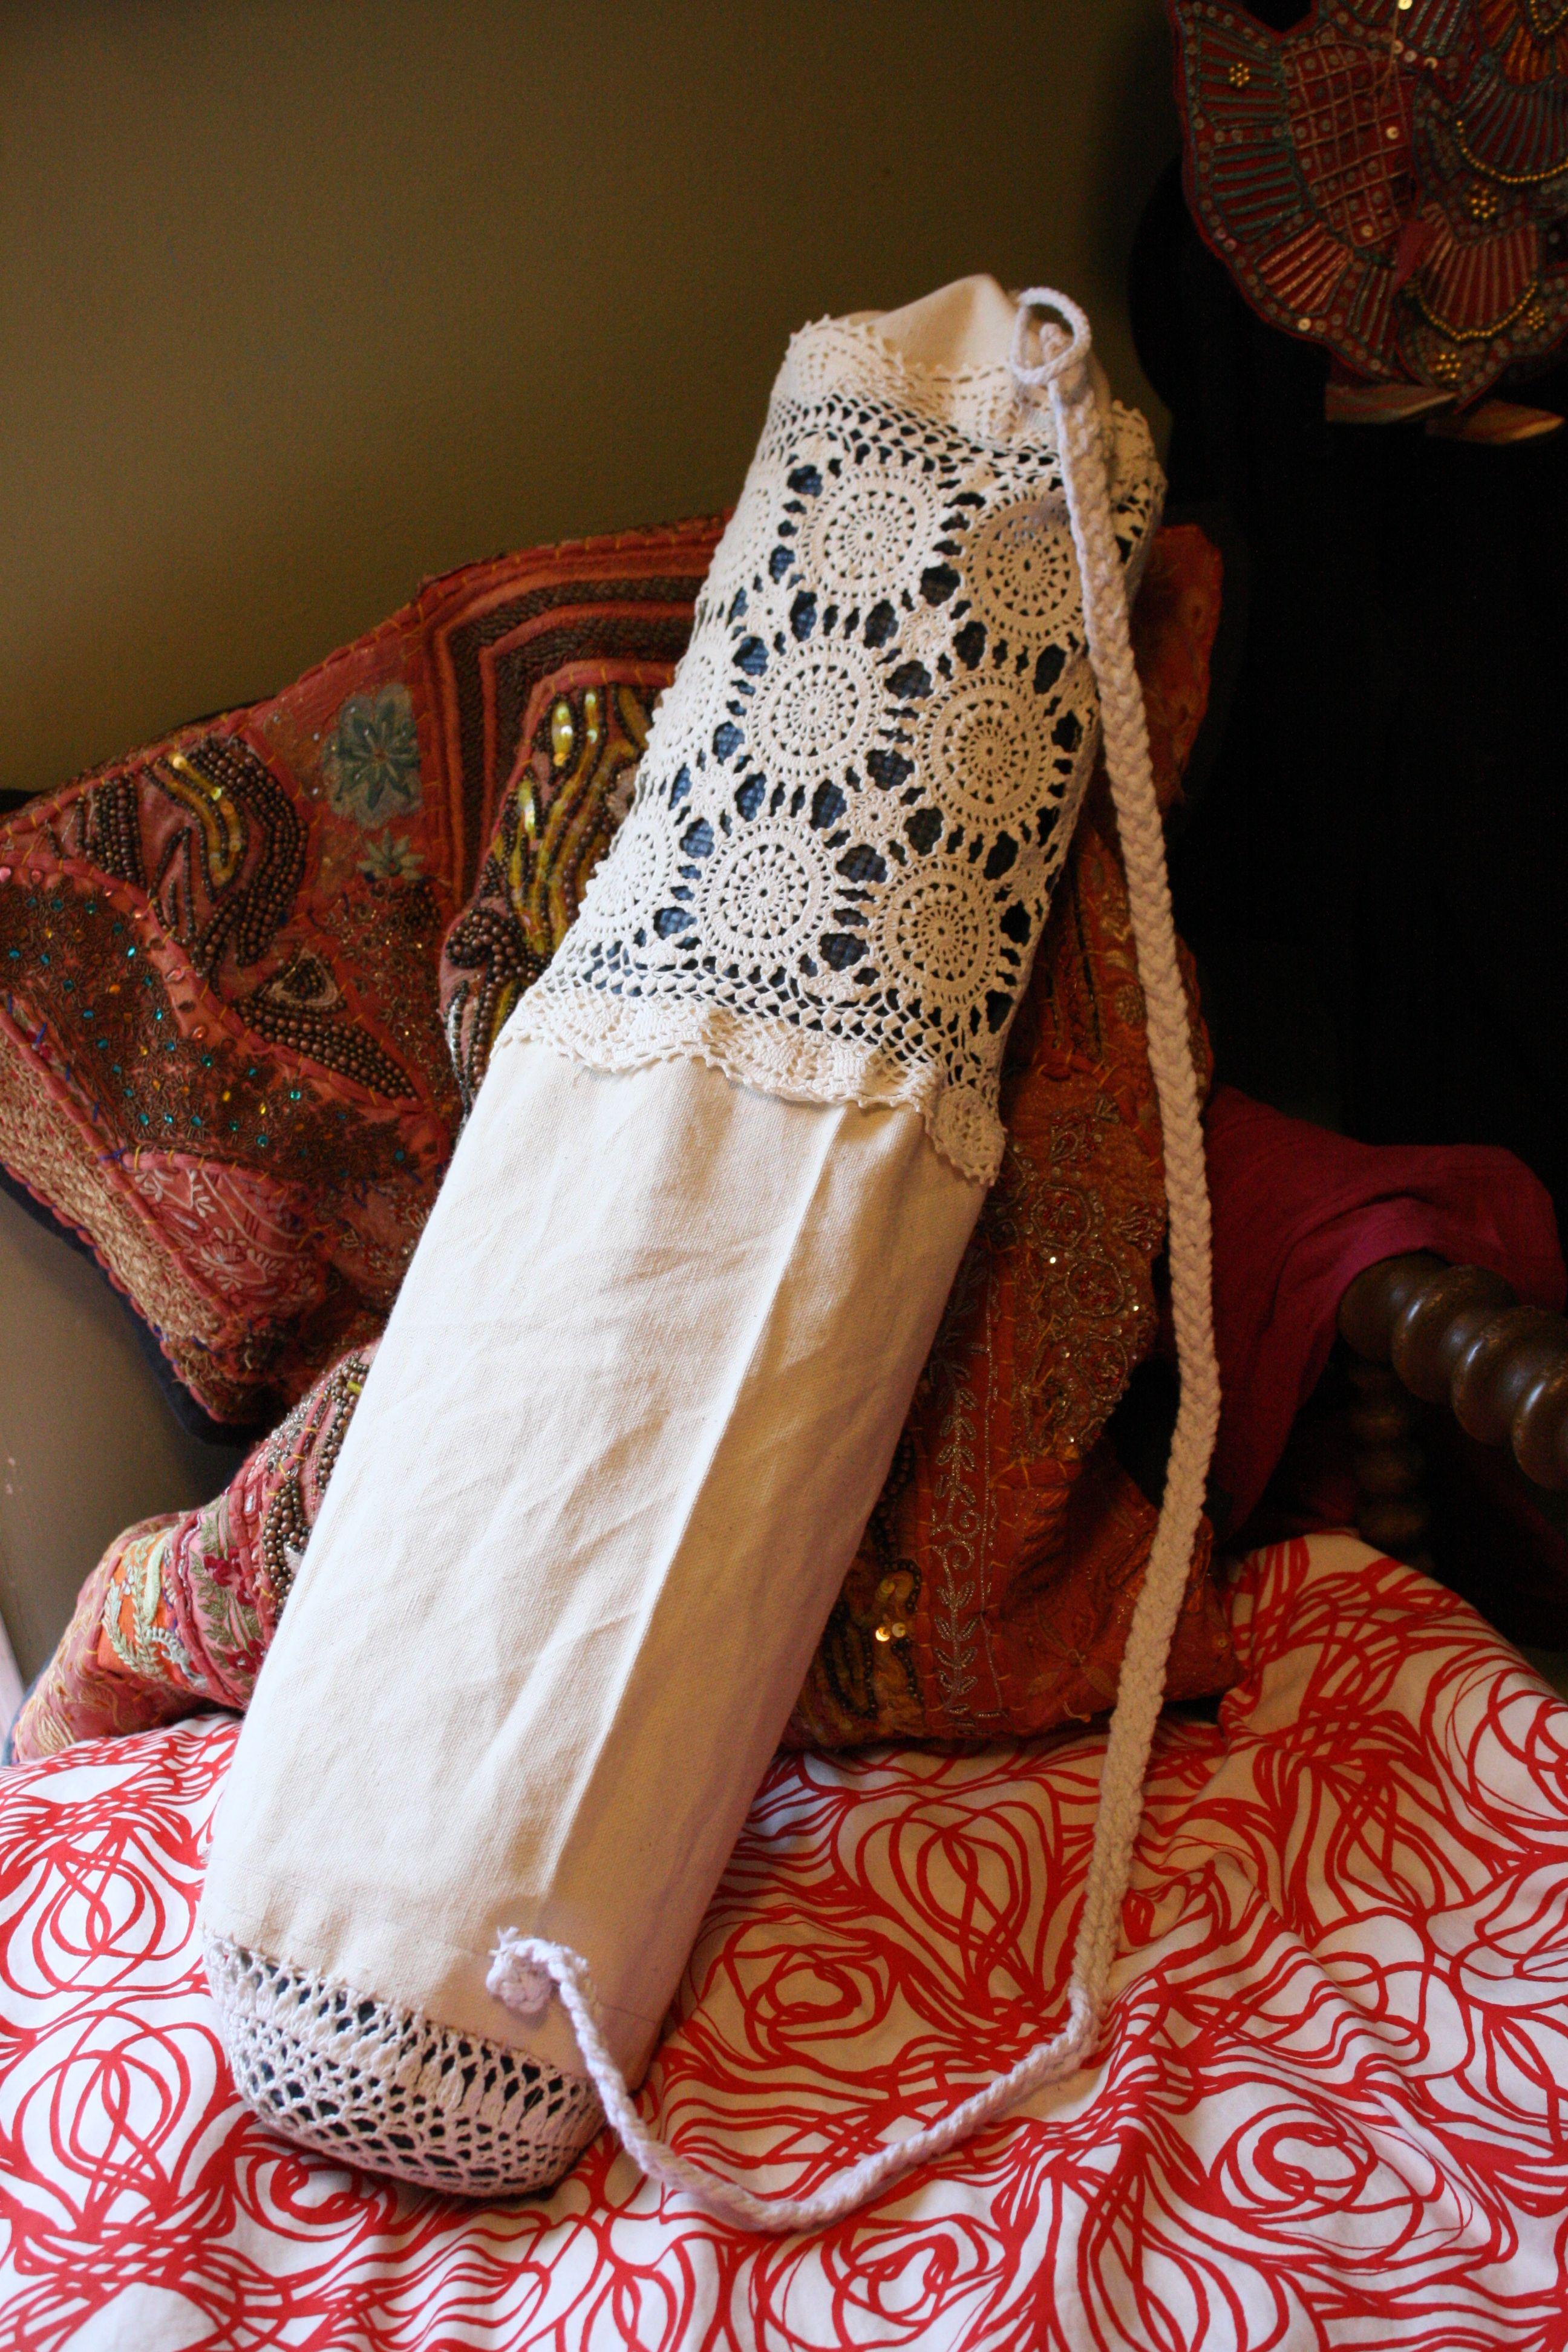 DIY Yoga Strap - Make your own Cute Yoga Strap Tutorial